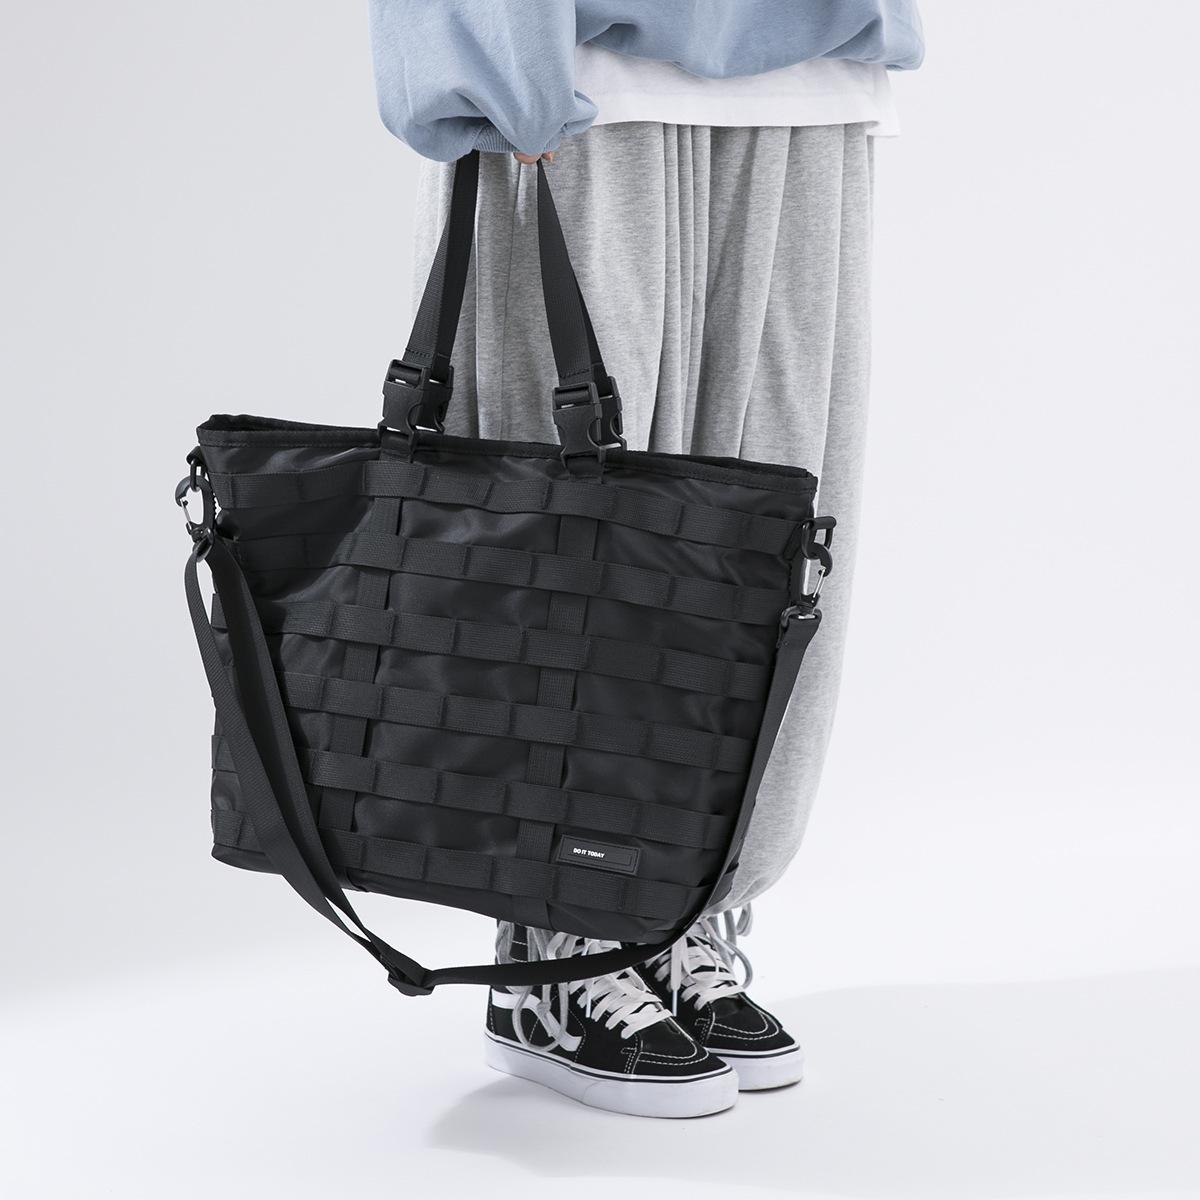 机能斜跨包潮单肩背包休闲ins工装风手提包旅行托特包运动健身包